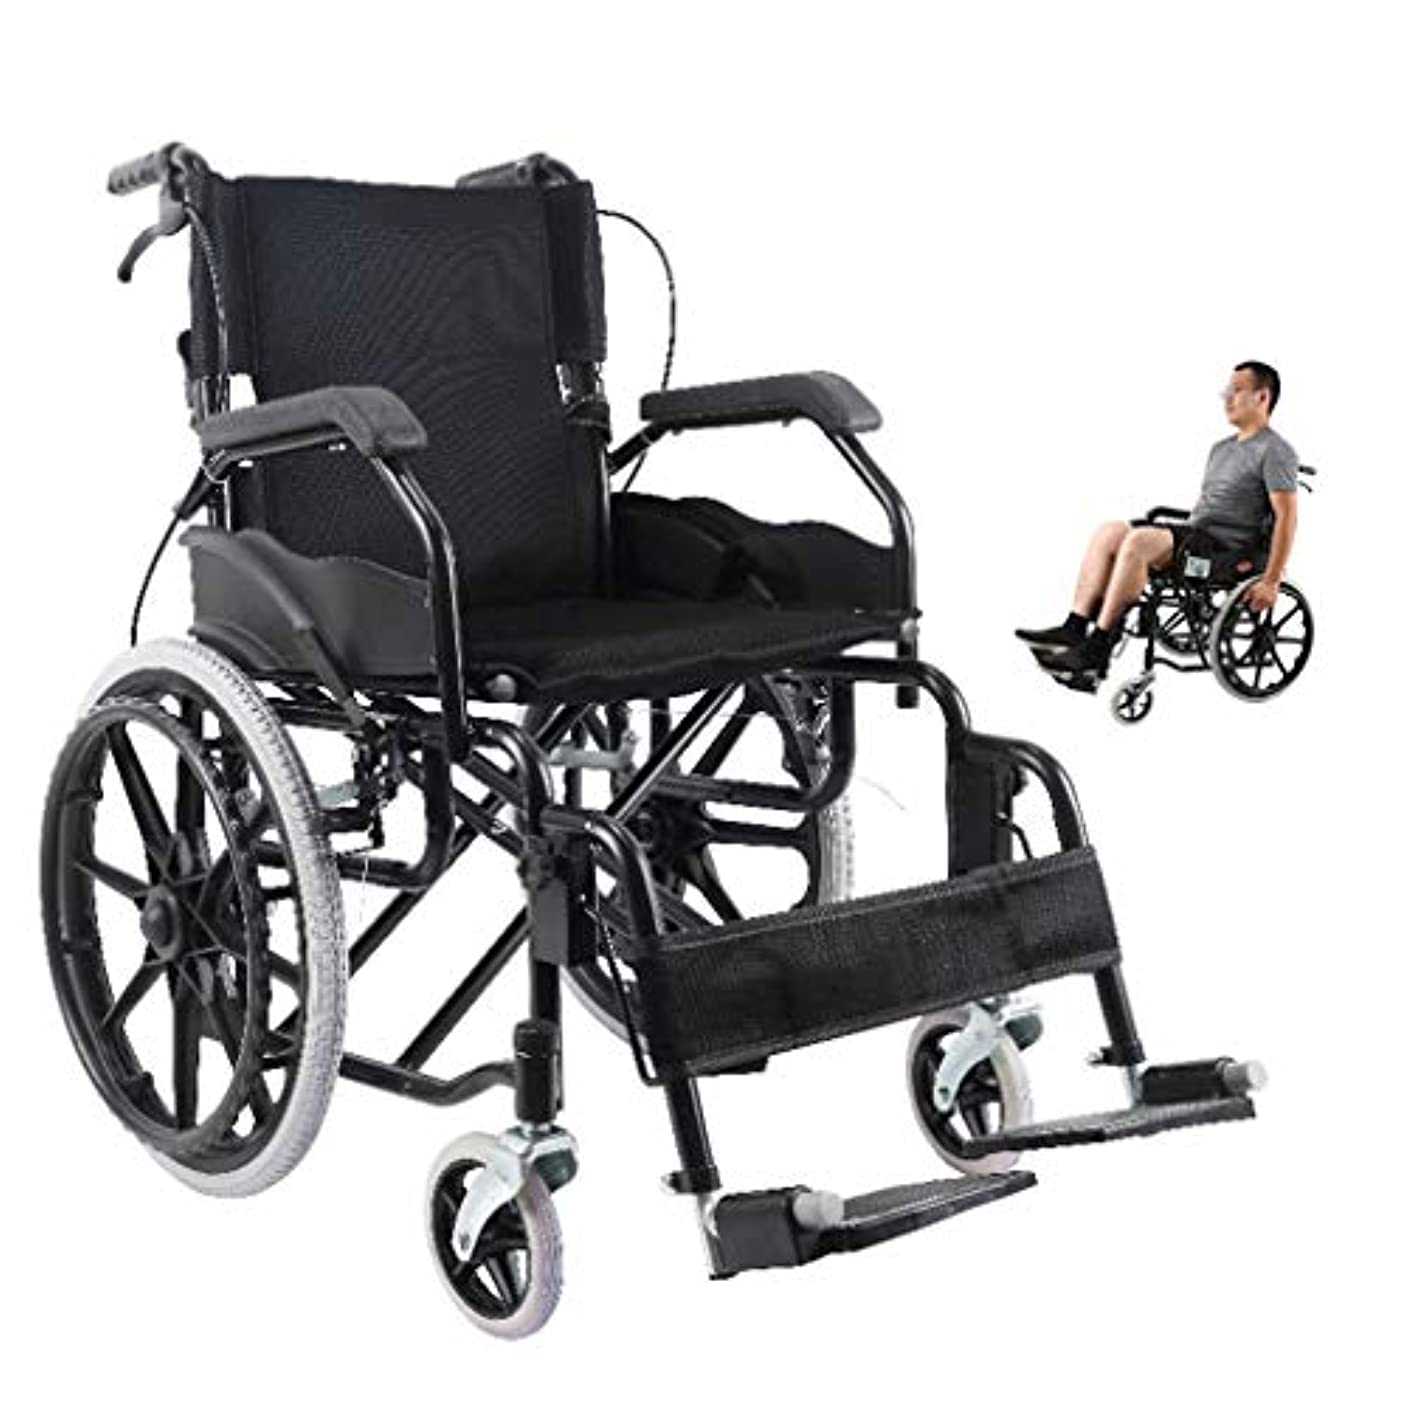 フィヨルド広々としたみすぼらしい軽量車椅子滑り止めテクスチャ手すり、医療車椅子折りたたみ式、不自由な脚に適した携帯用車椅子、負傷者